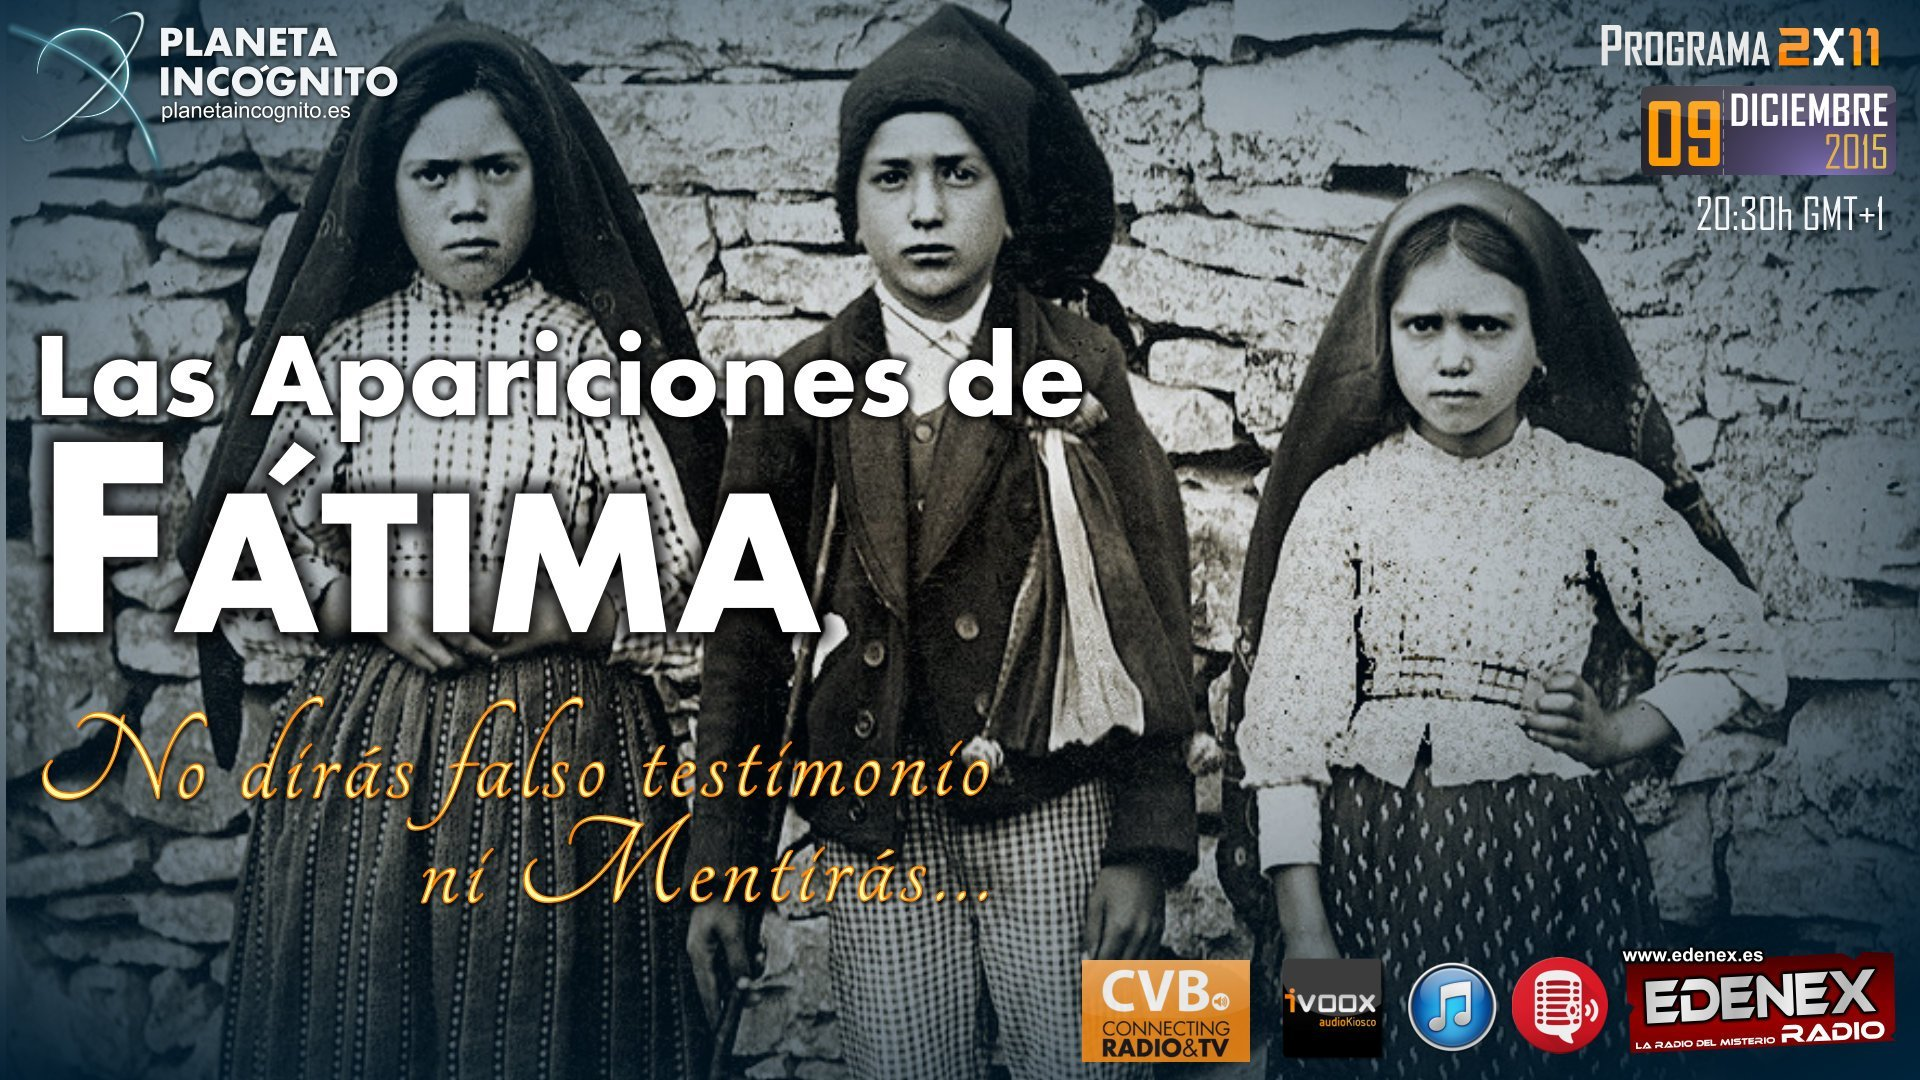 Programa  2x11 Las Apariciones de Fátima: No dirás falso testimonio ni mentirás 5